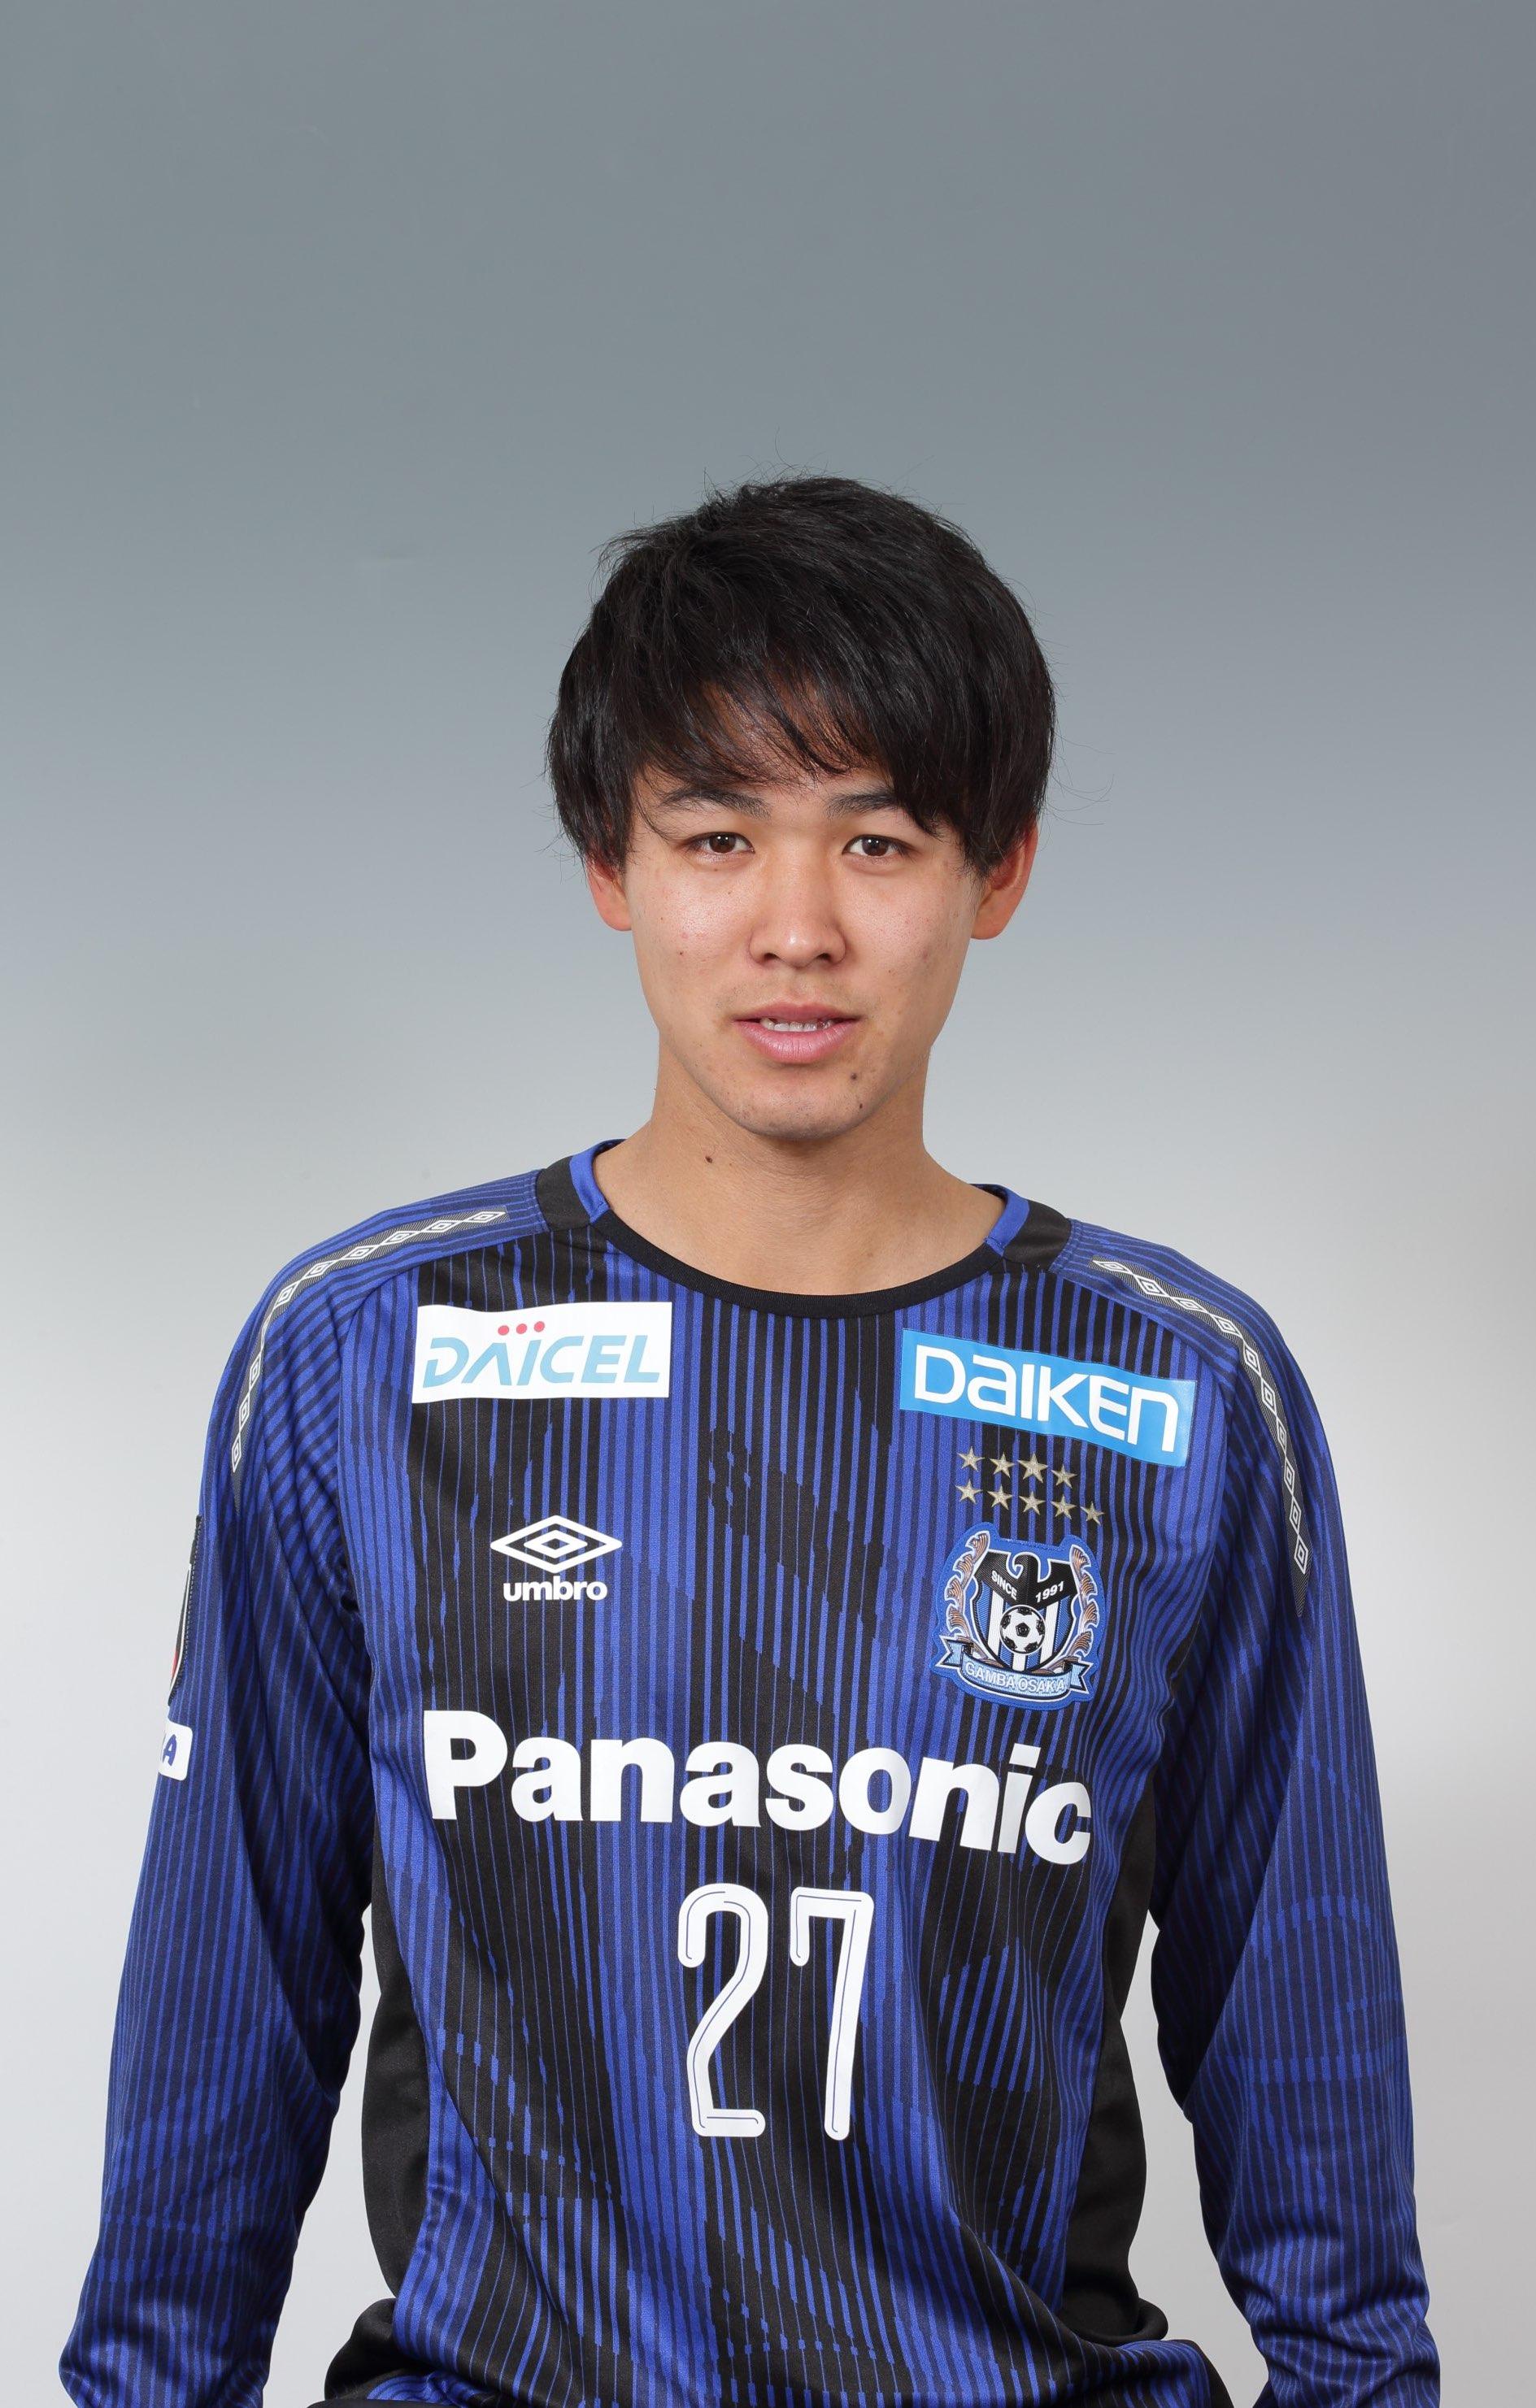 【本人直筆サイン入り公式】ガンバ大阪ユニフォーム2019HOME 高尾瑠 選手